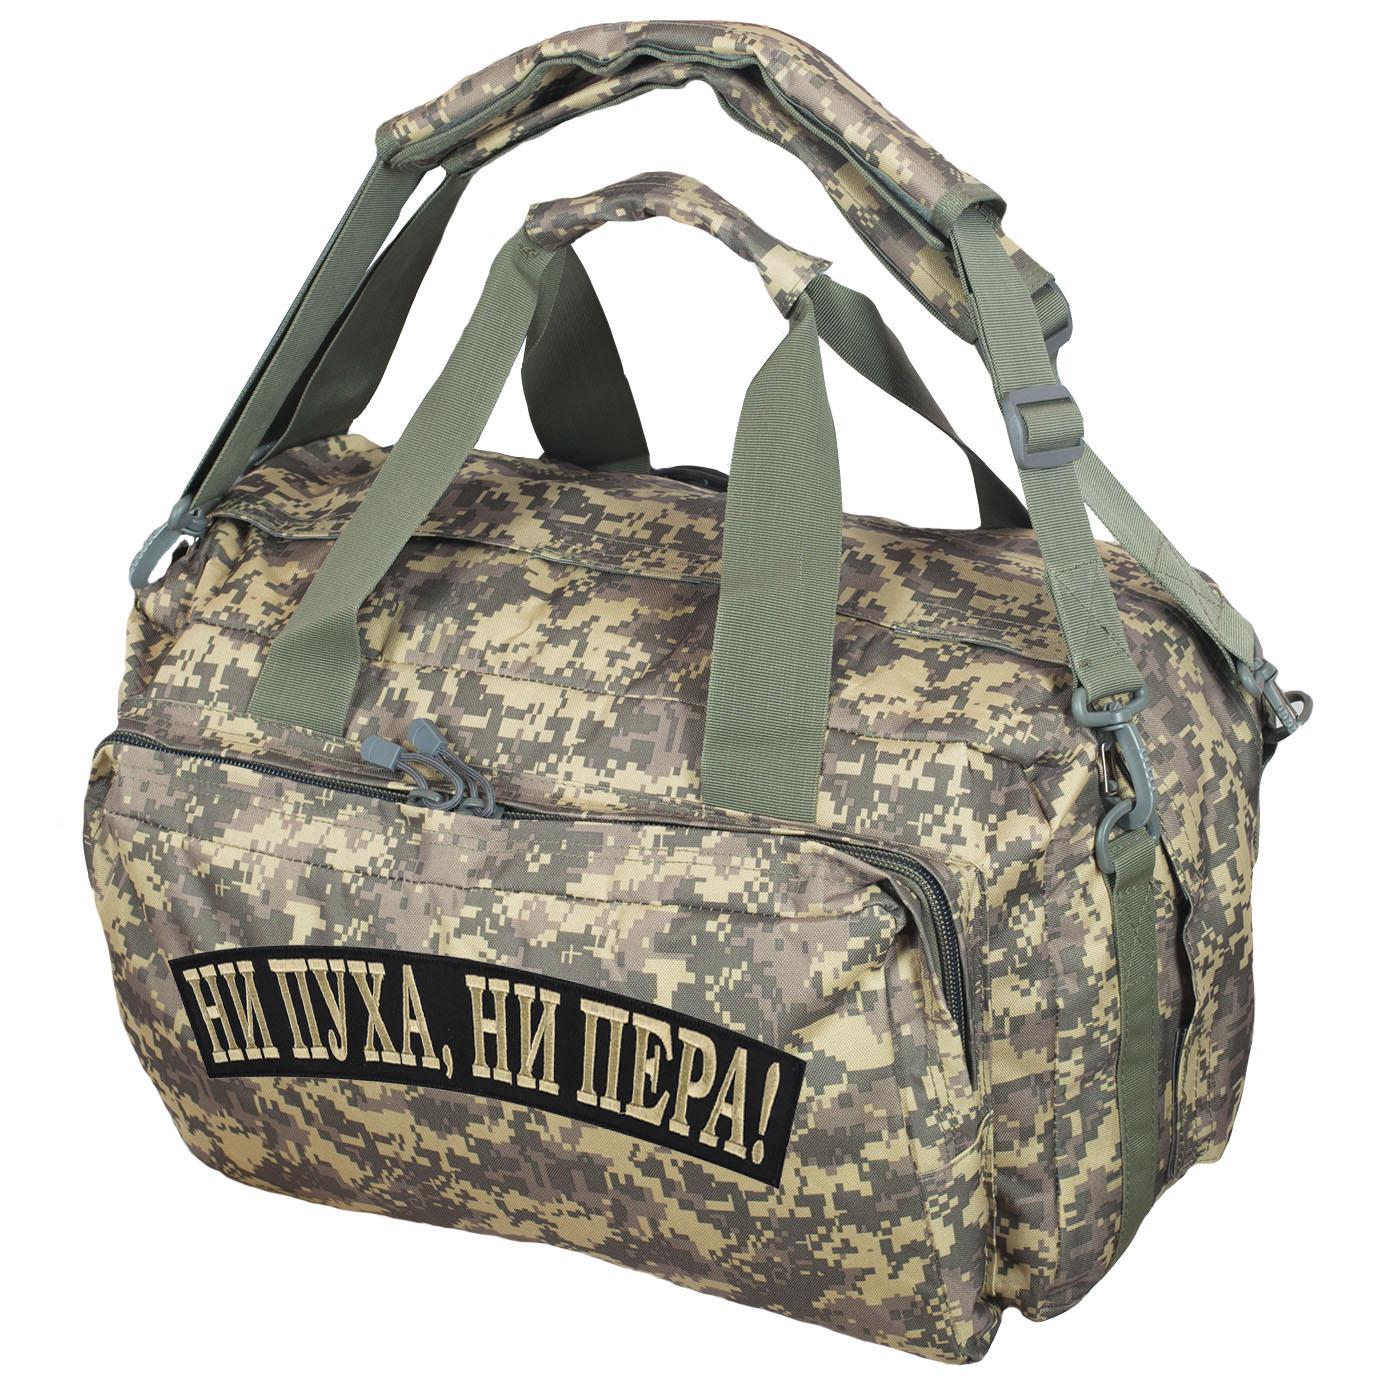 Походная камуфляжная сумка-рюкзак Ни пуха, Ни пера - купить онлайн